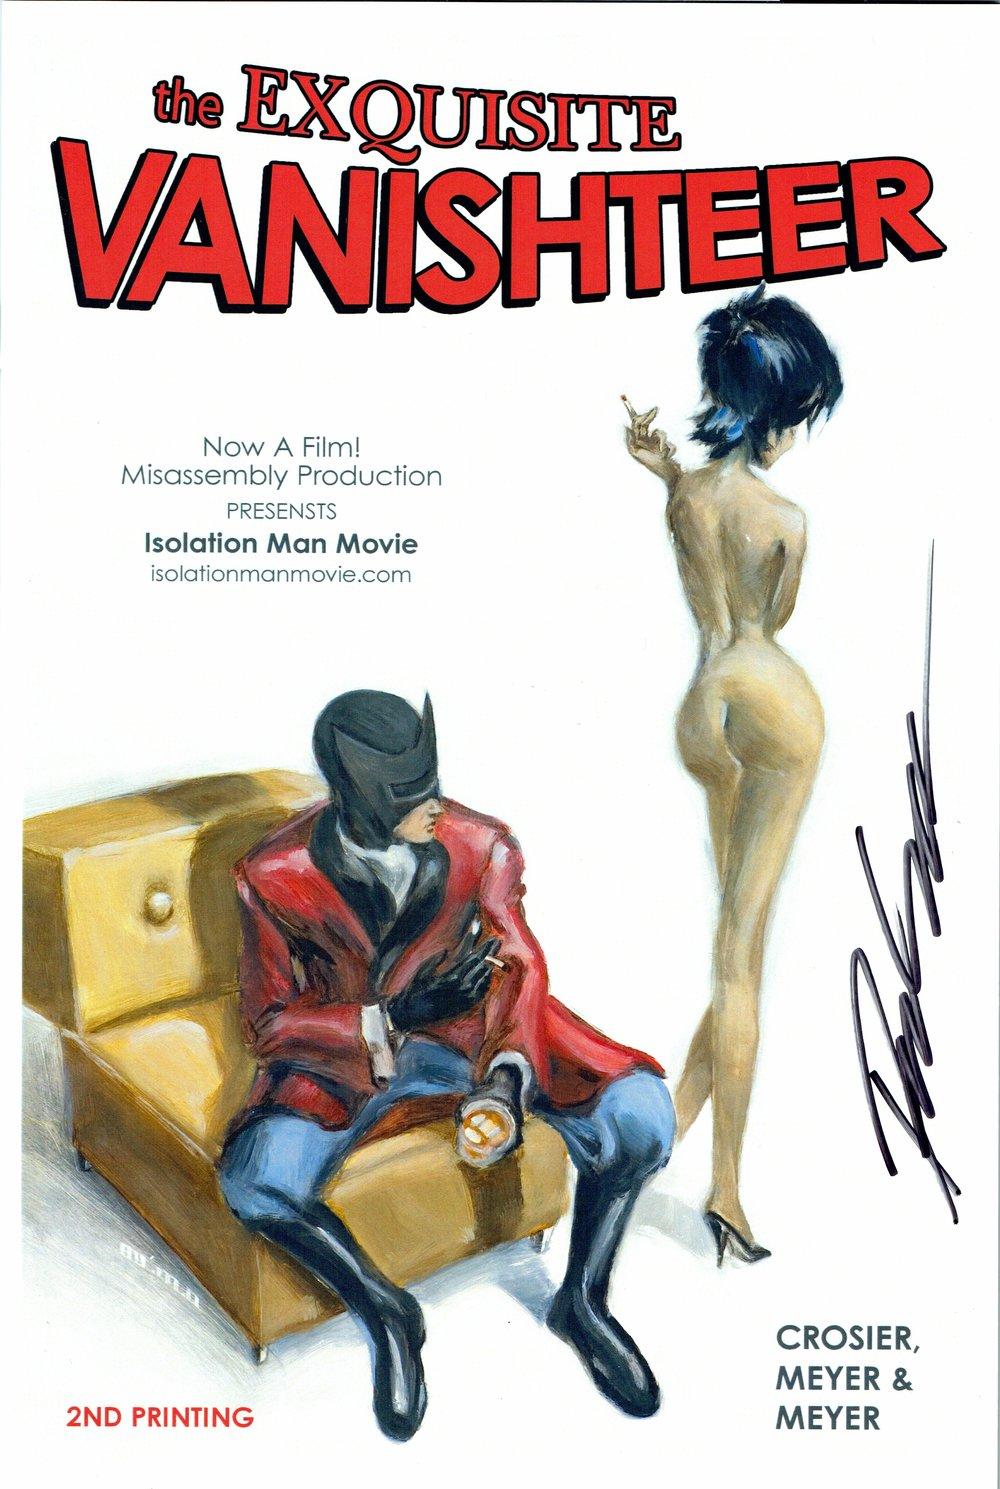 The Exquisite Vanishteer (2nd print) by Daniel Crosier.